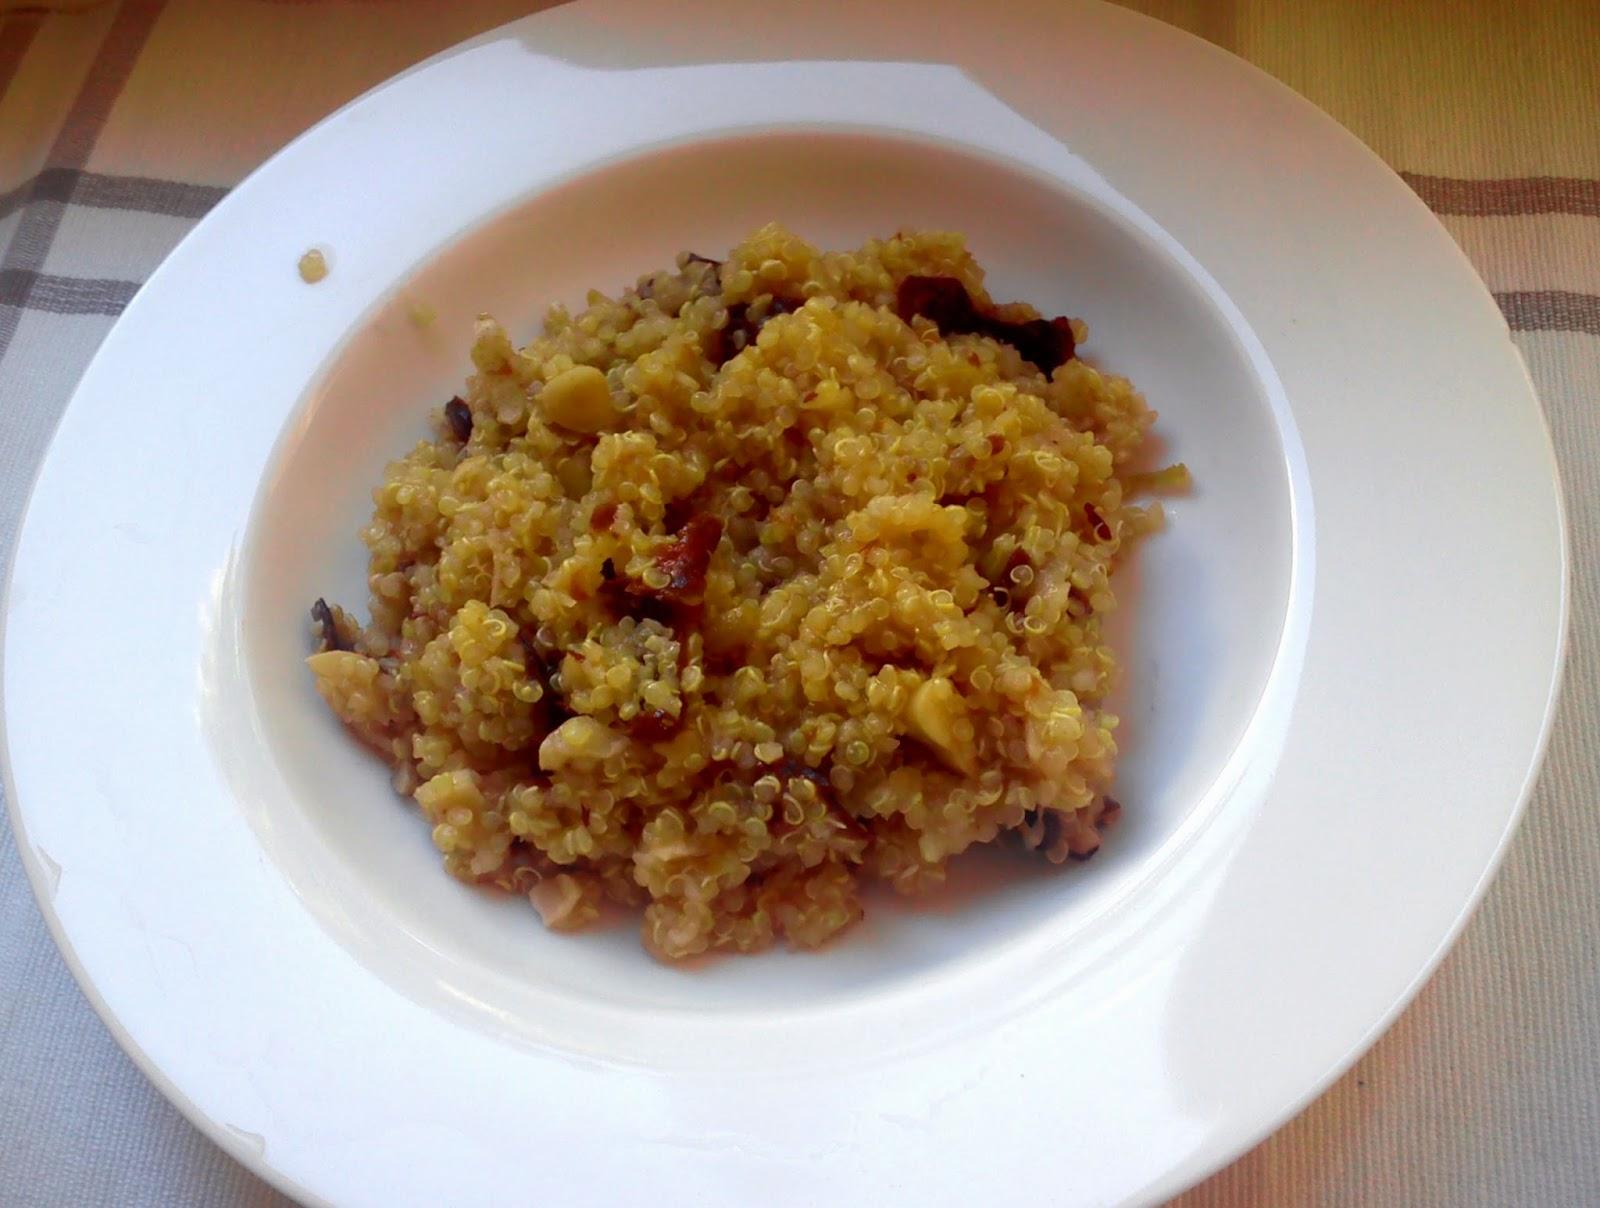 Reseptit: kvinoapuuro mantelimaidon kanssa.